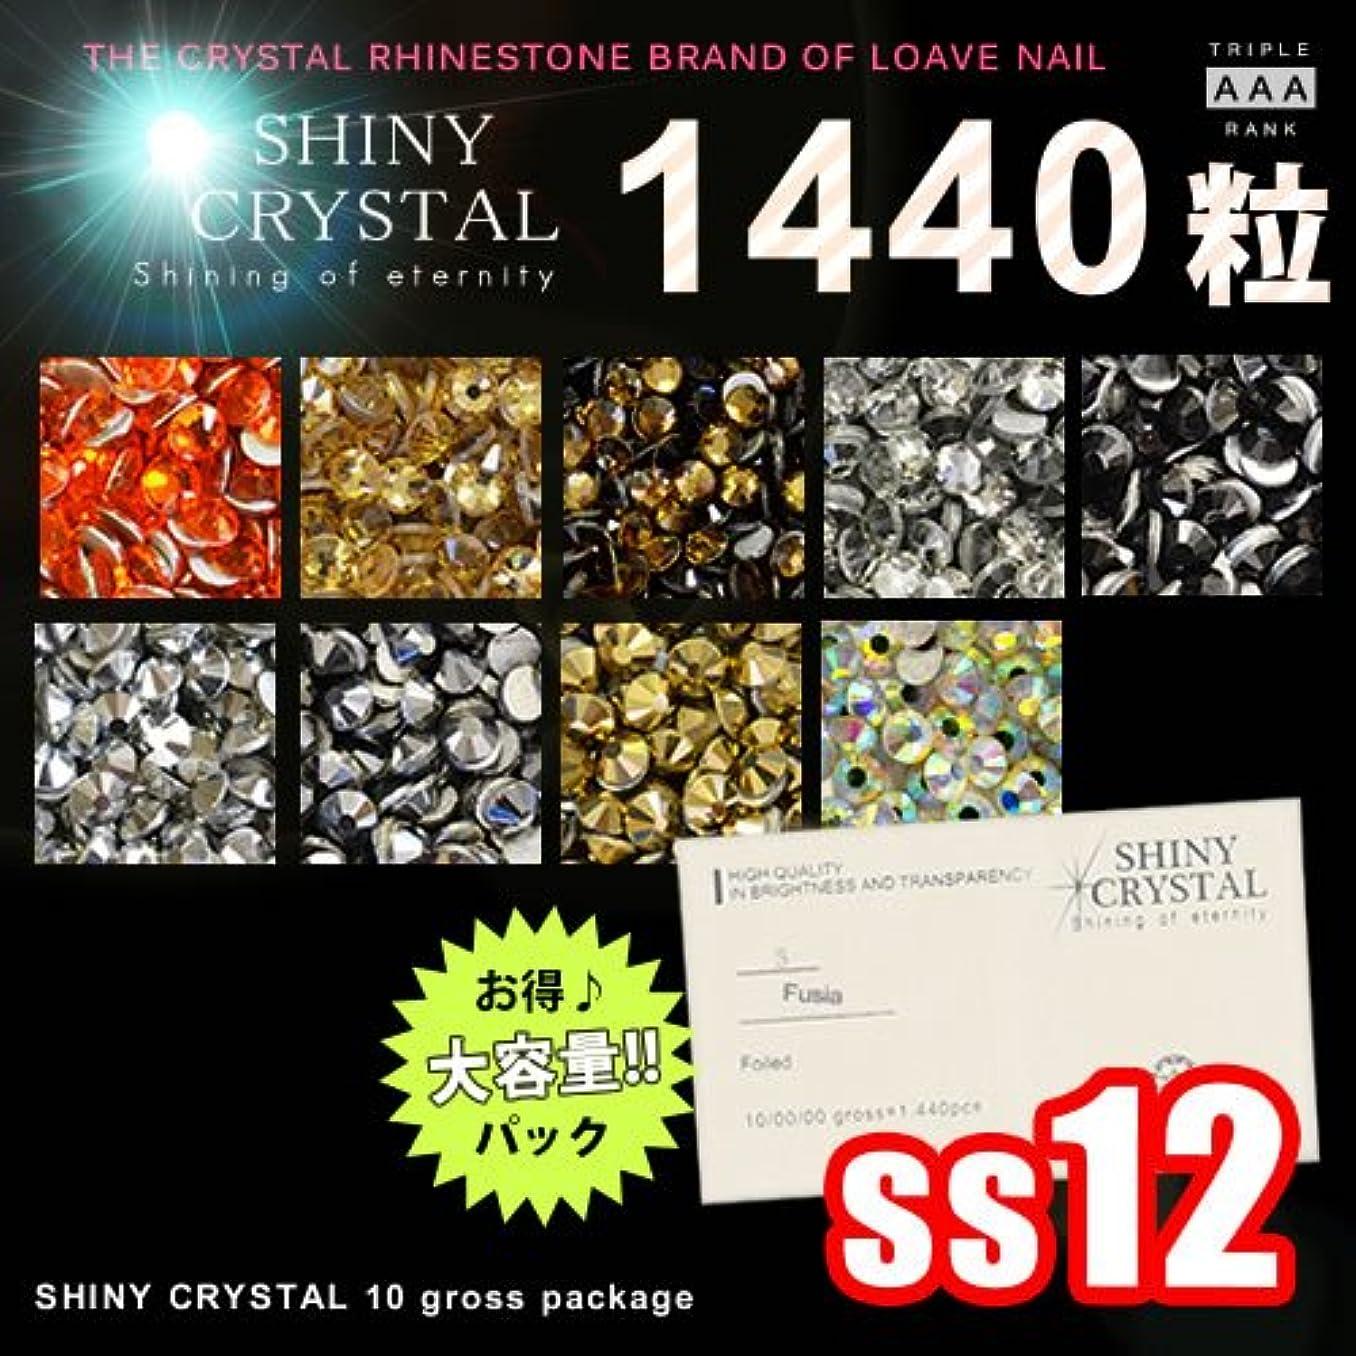 飲食店厳すりシャイニークリスタル(SHINY CRYSTAL)「 27、ジェットへマタイト 」「ss12」【1440粒/グロスパッケージ】